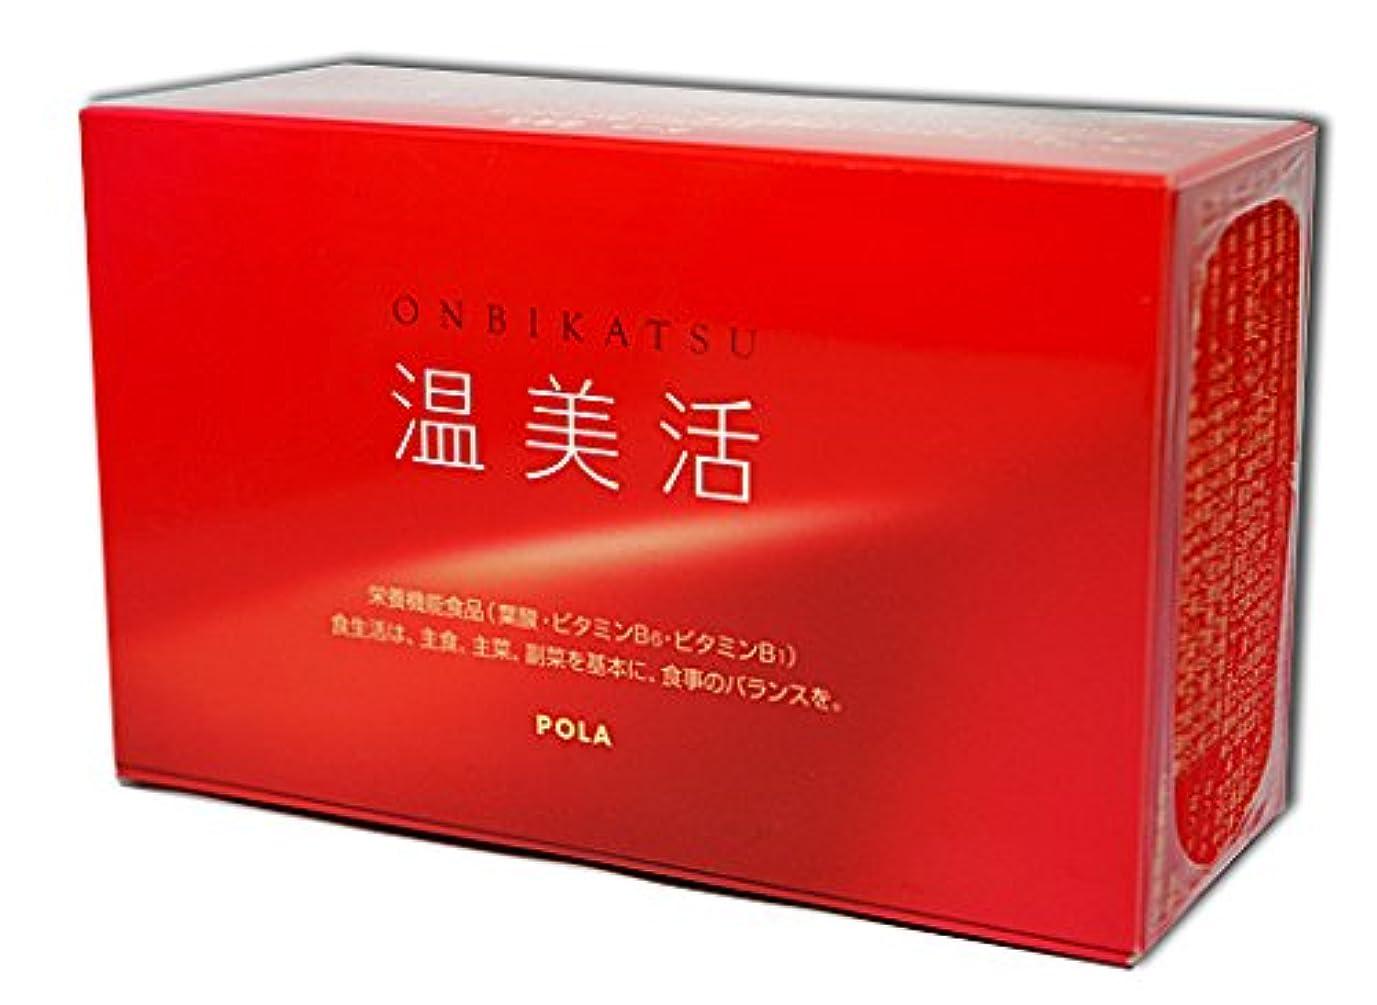 最大化する首謀者脇にポーラ 温美活(おんびかつ) 42.6g(710mg×2粒×30袋)